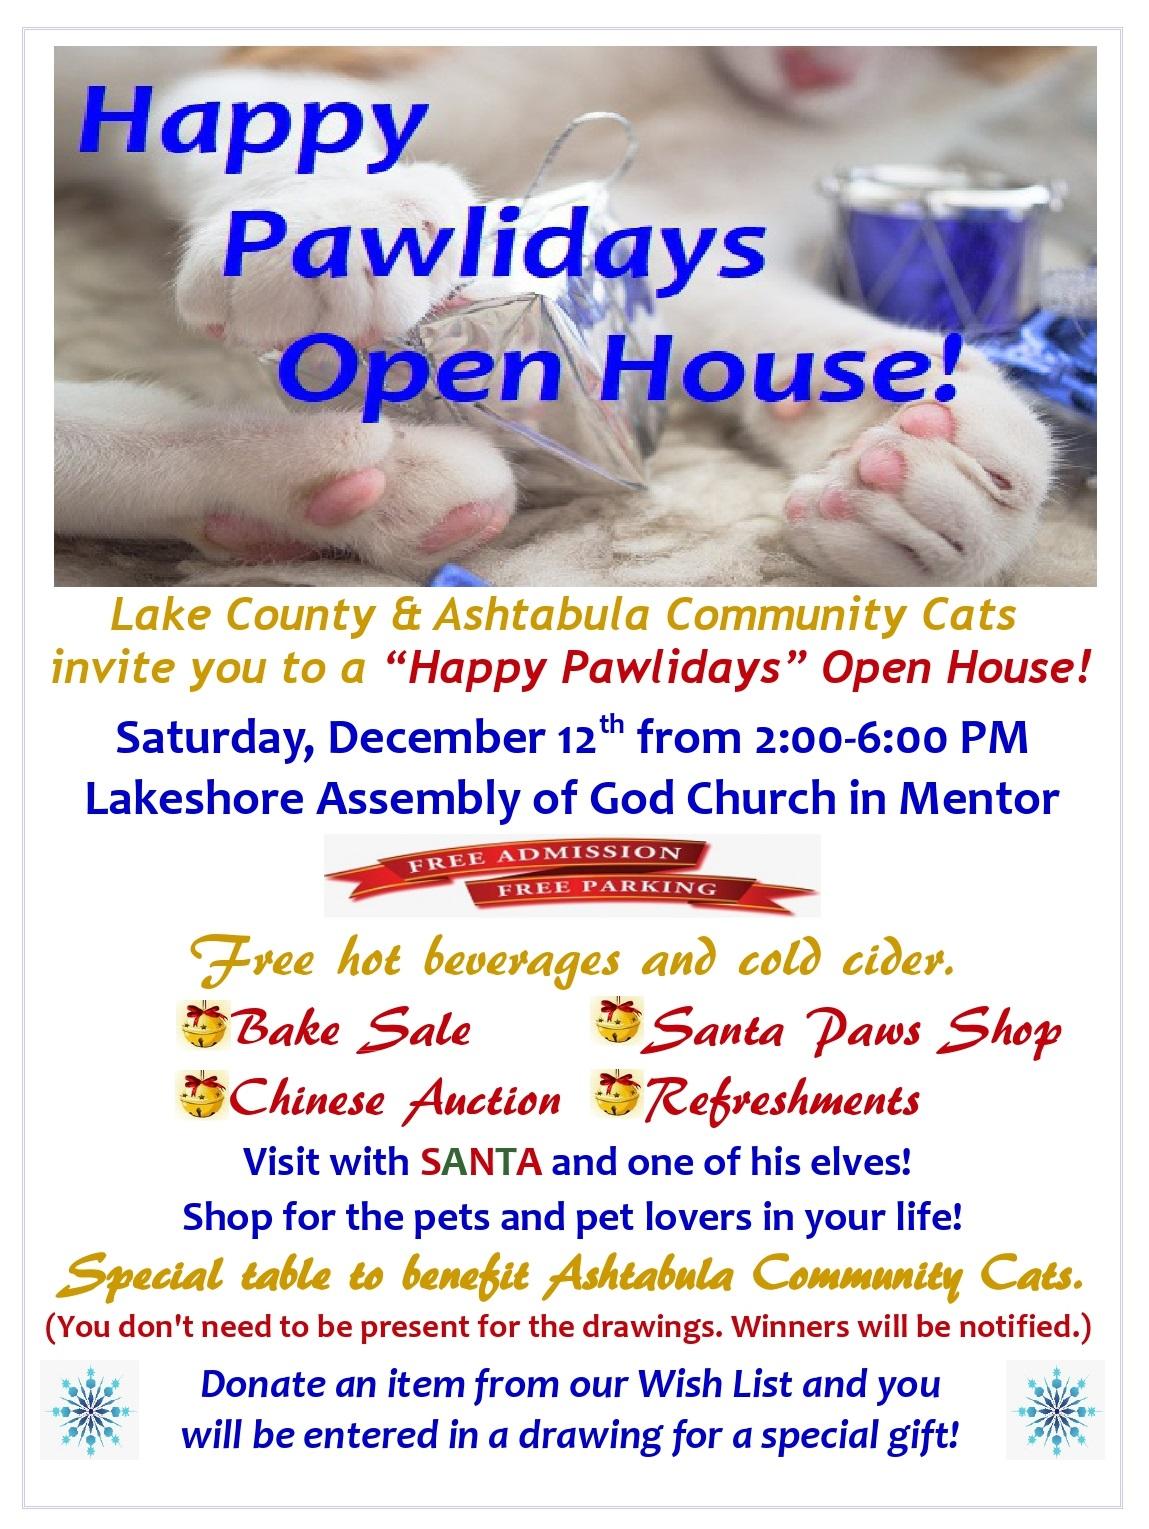 Happy Pawlidays Open House